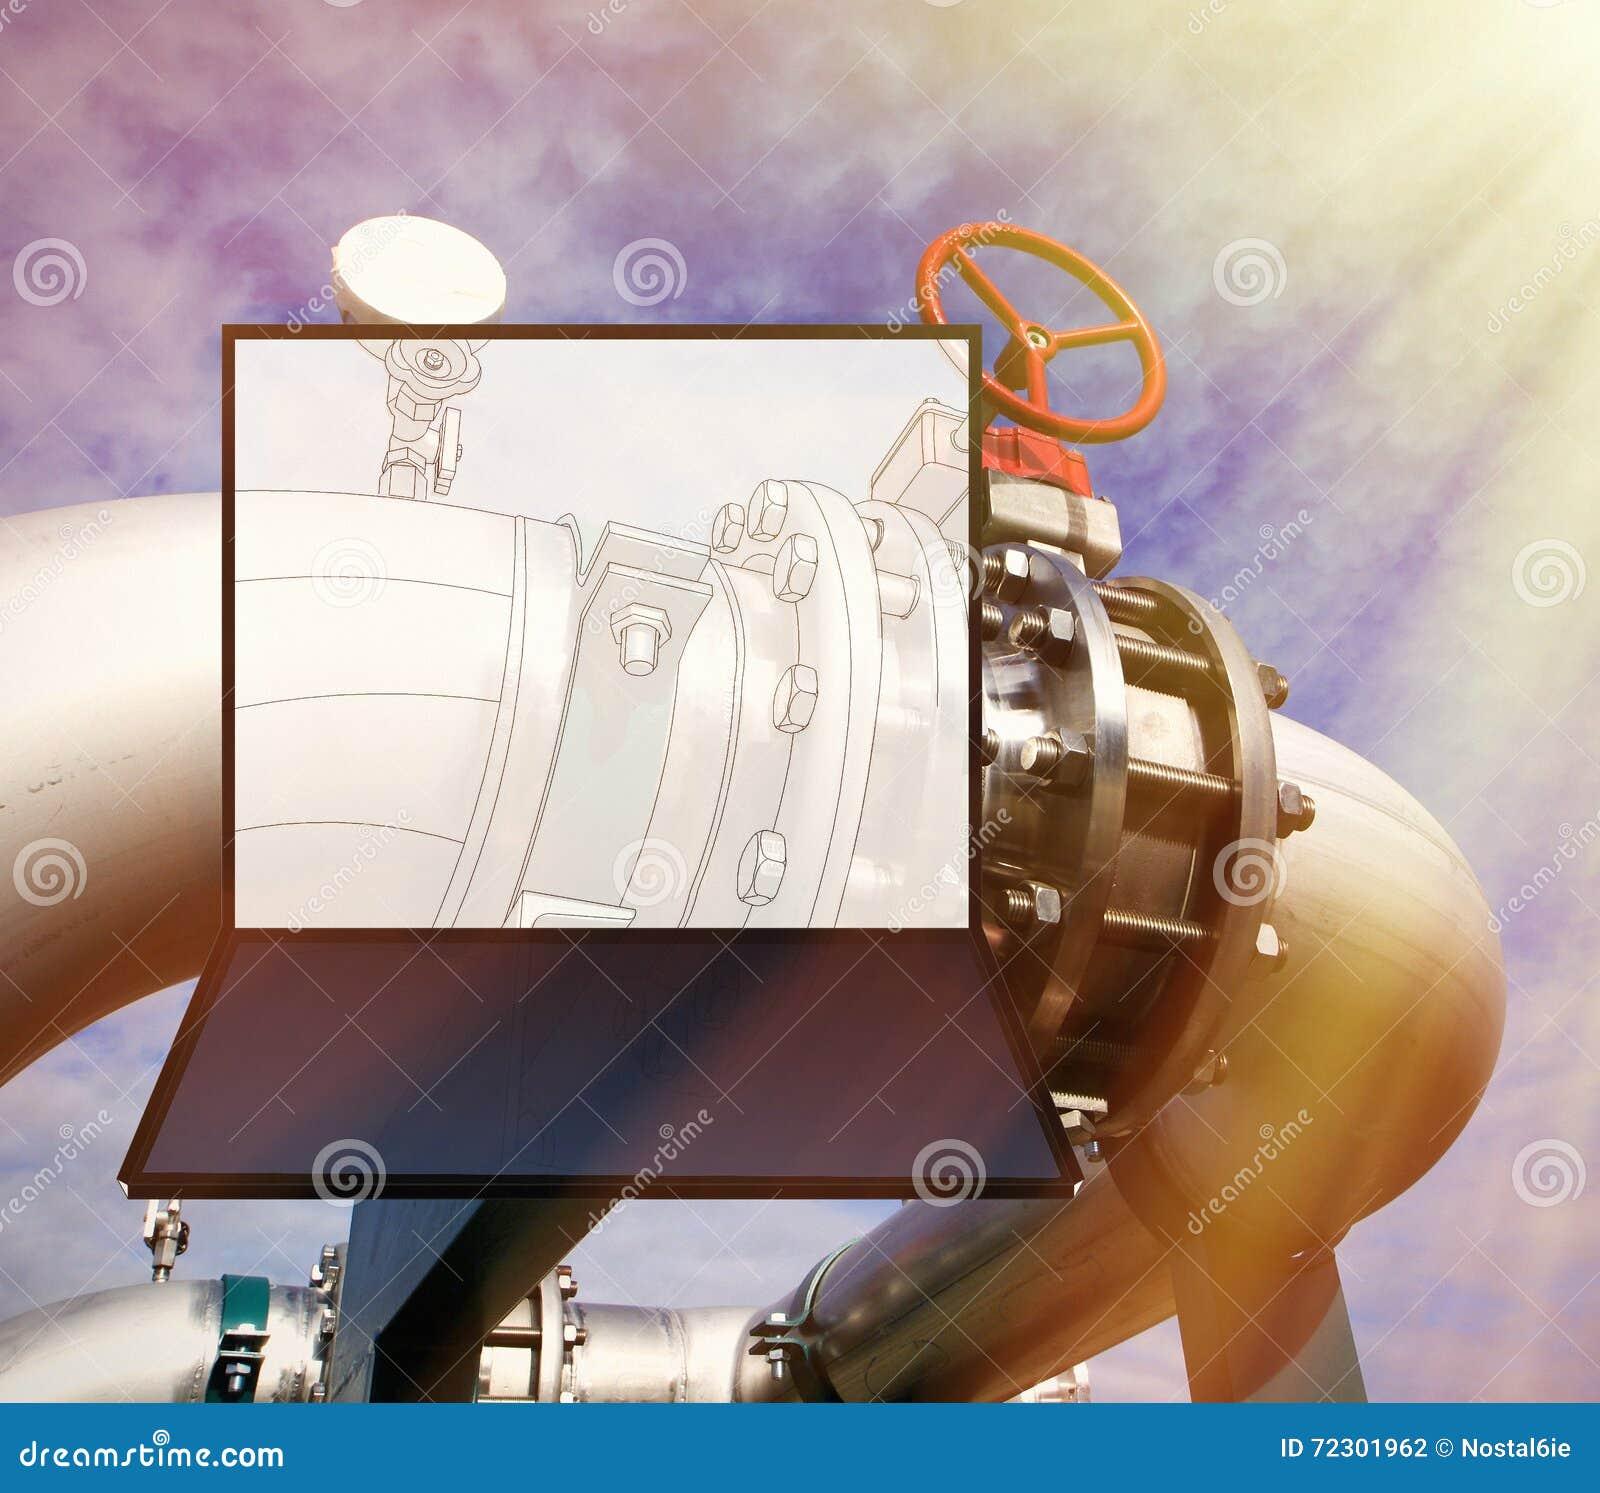 Wireframe-Computer cad-Design von Rohrleitungen